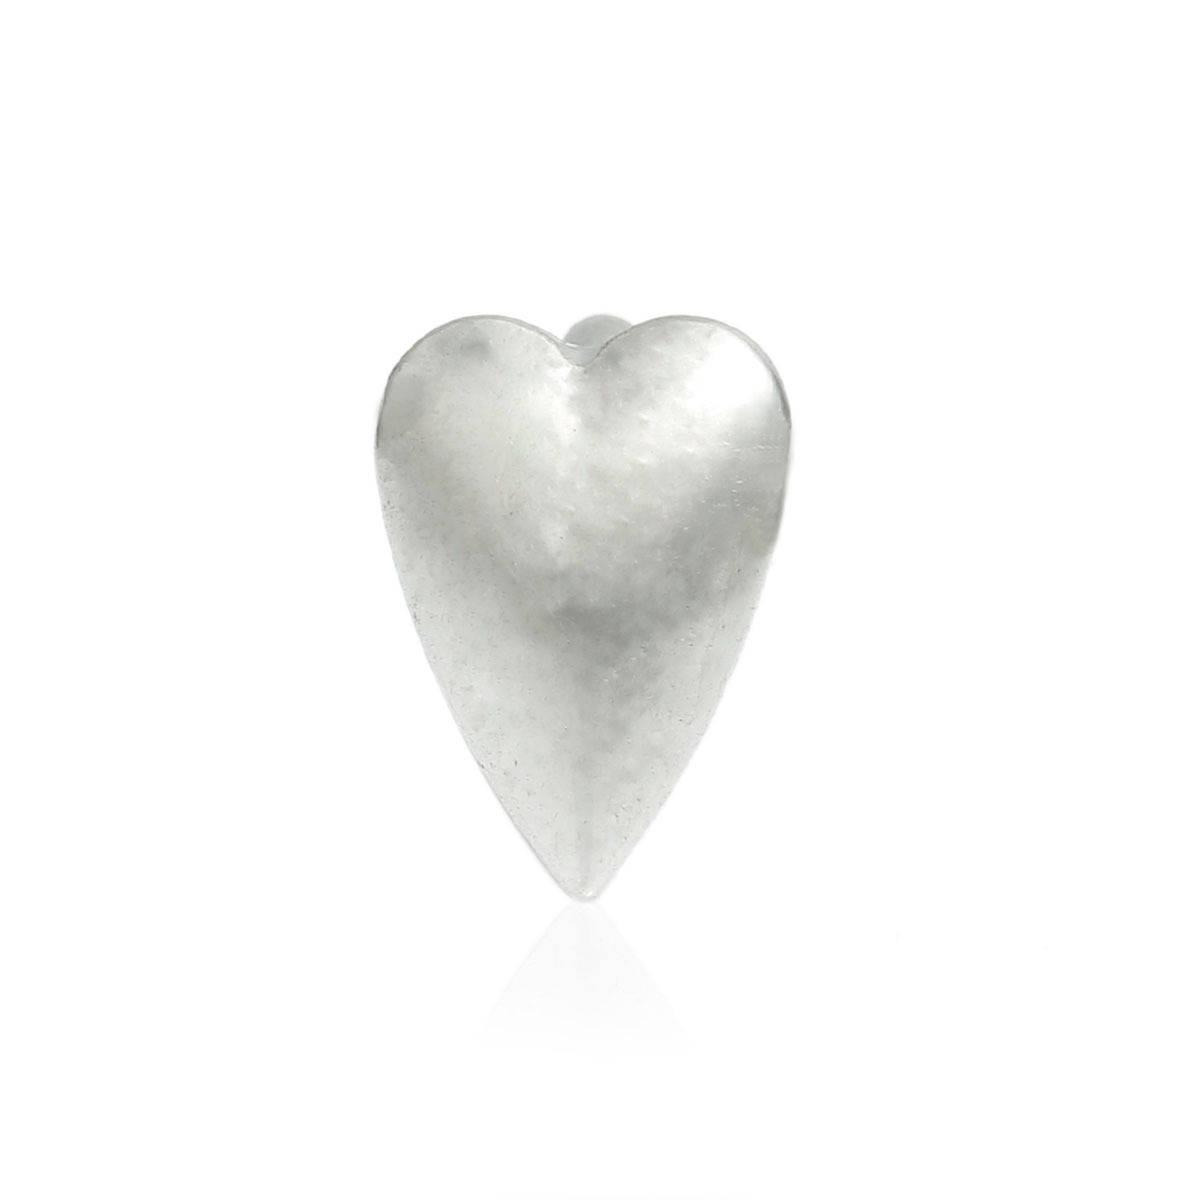 1 Perle Passant Argenté Coeur pour cordon 5-6 mm - SC76515- Création bijoux